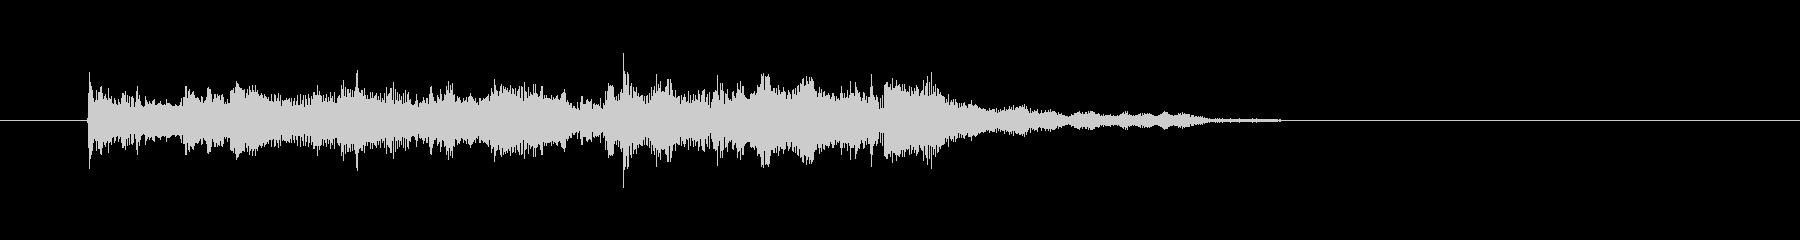 ヴィブラフォン 鉄琴 ジャズ 大人の未再生の波形